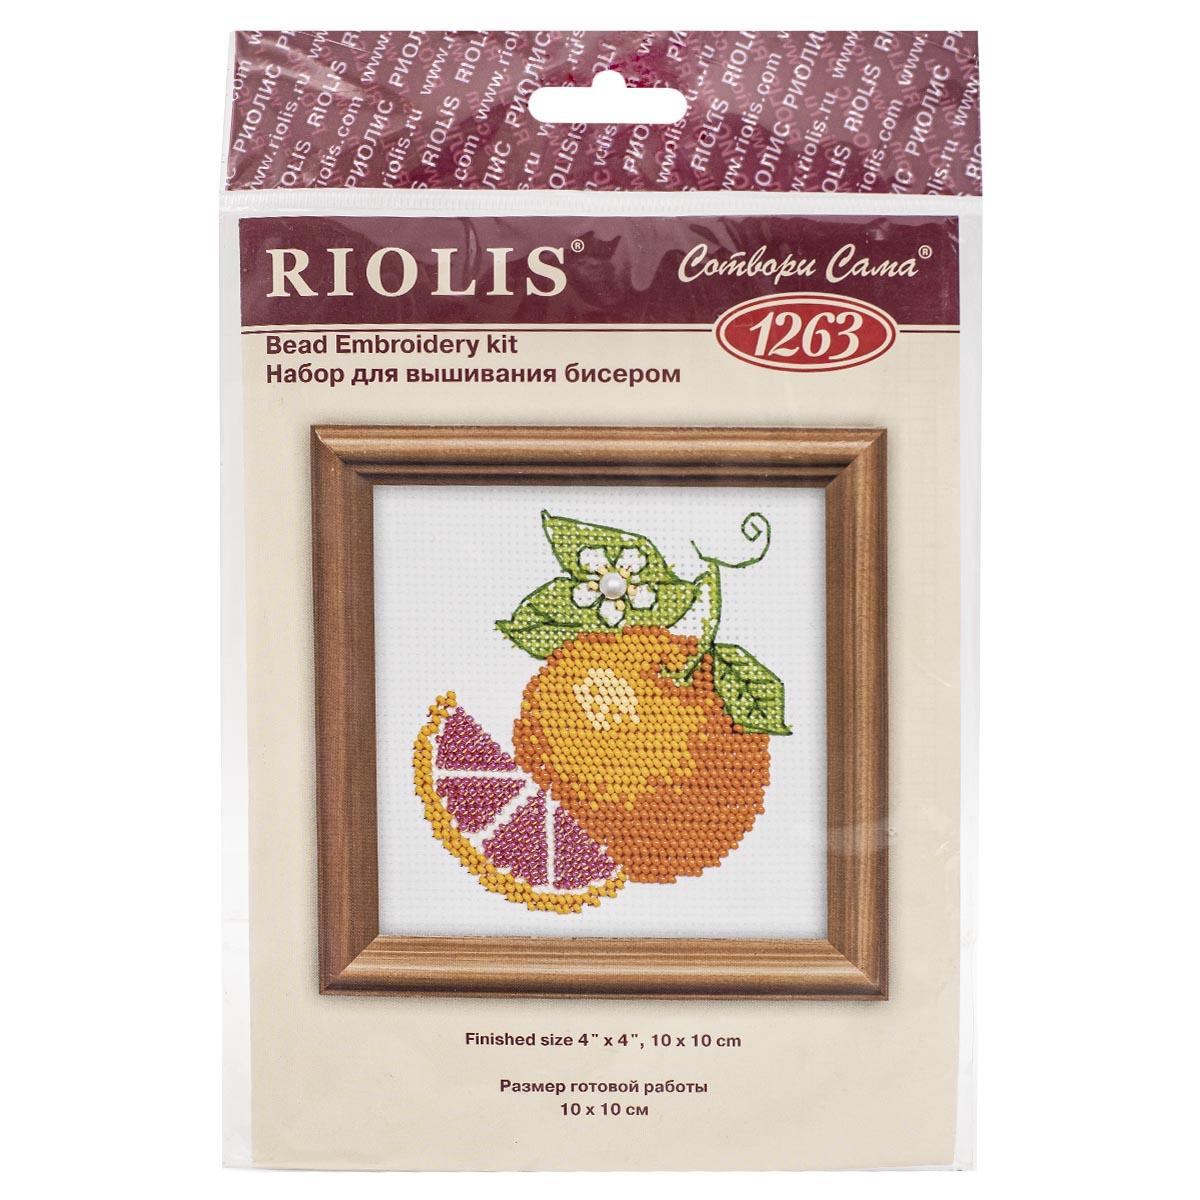 1263 Набор для вышивания бисером Riolis 'Апельсин', 10*10 см